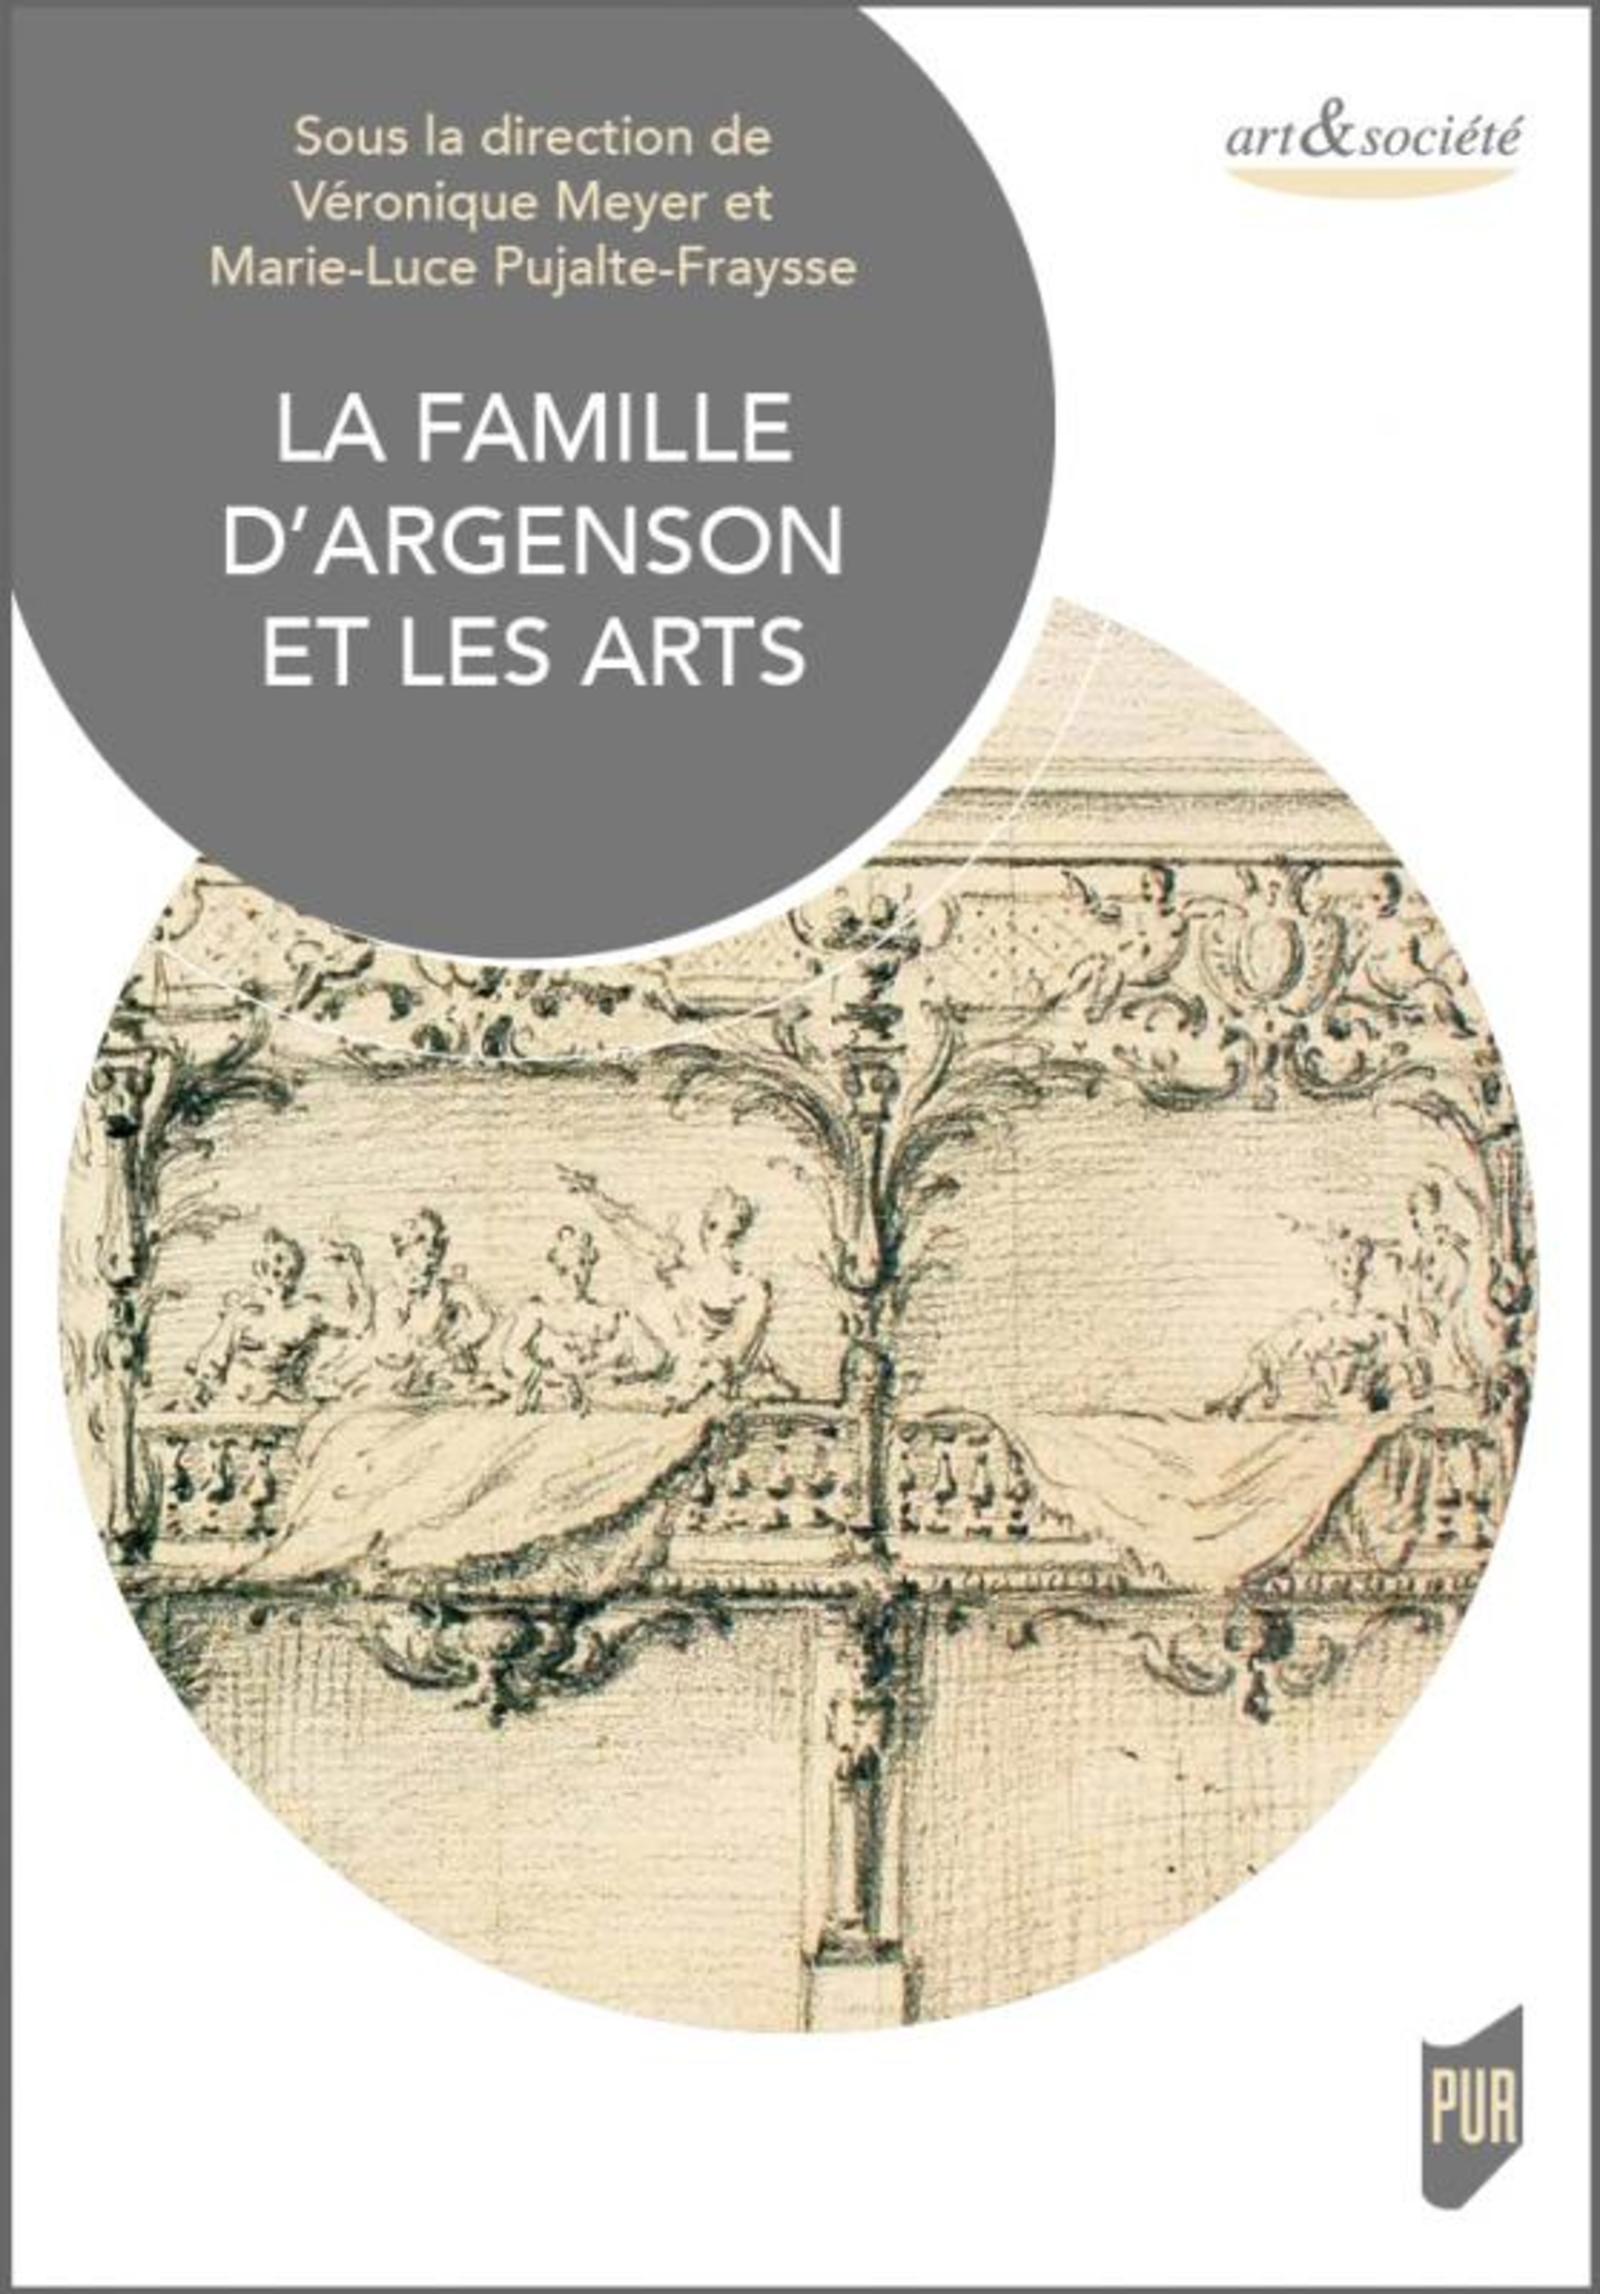 LA FAMILLE D'ARGENSON ET LES ARTS